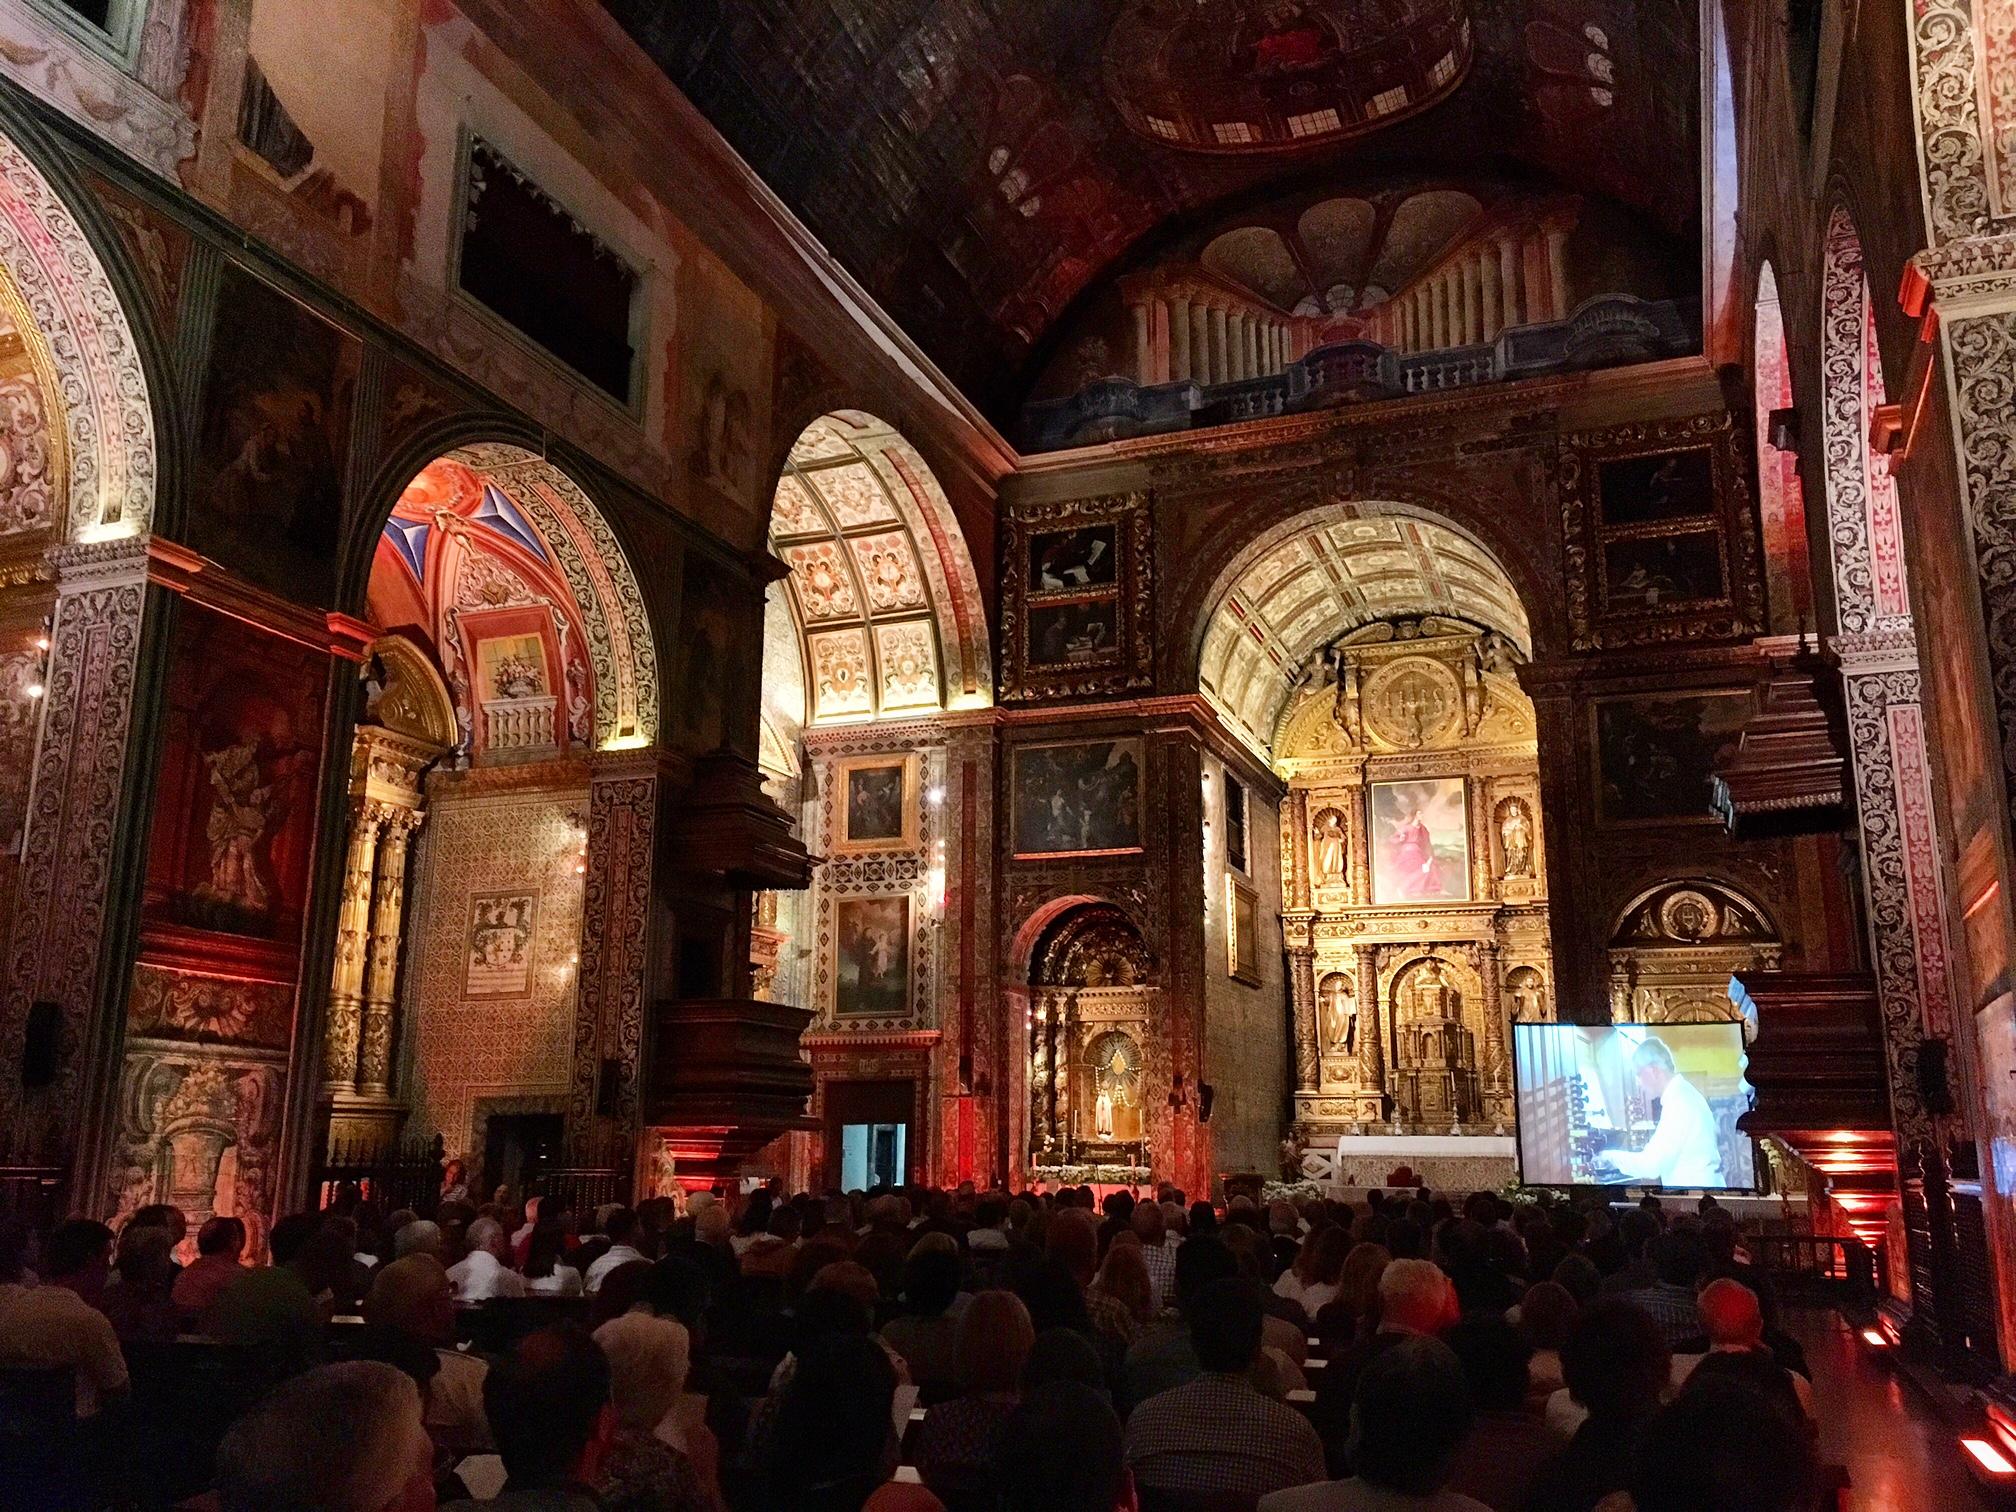 Igreja do Colégio encheu para o concerto inaugural do Festival de Órgão